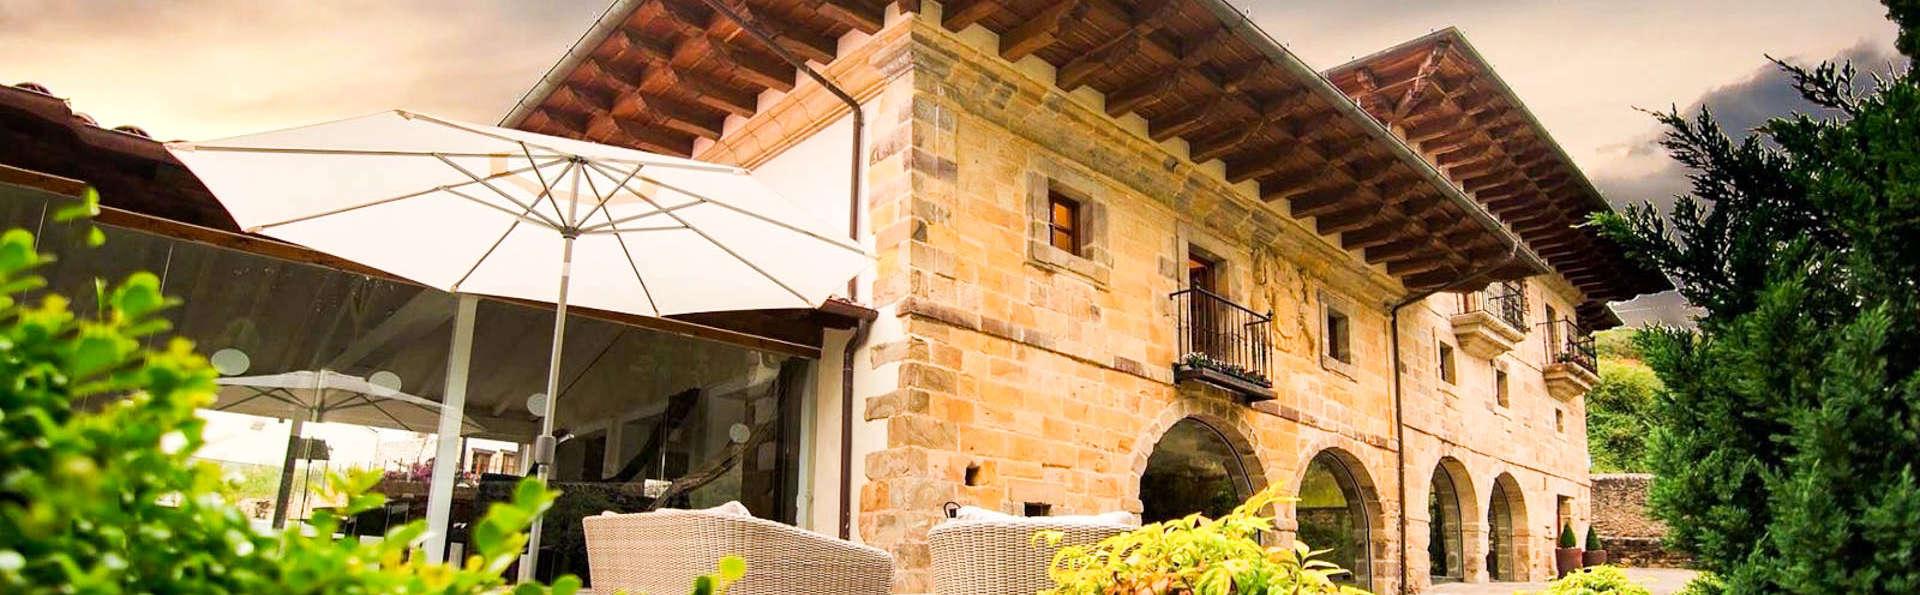 Palacio de Arce - EDIT_FRONT2.jpg